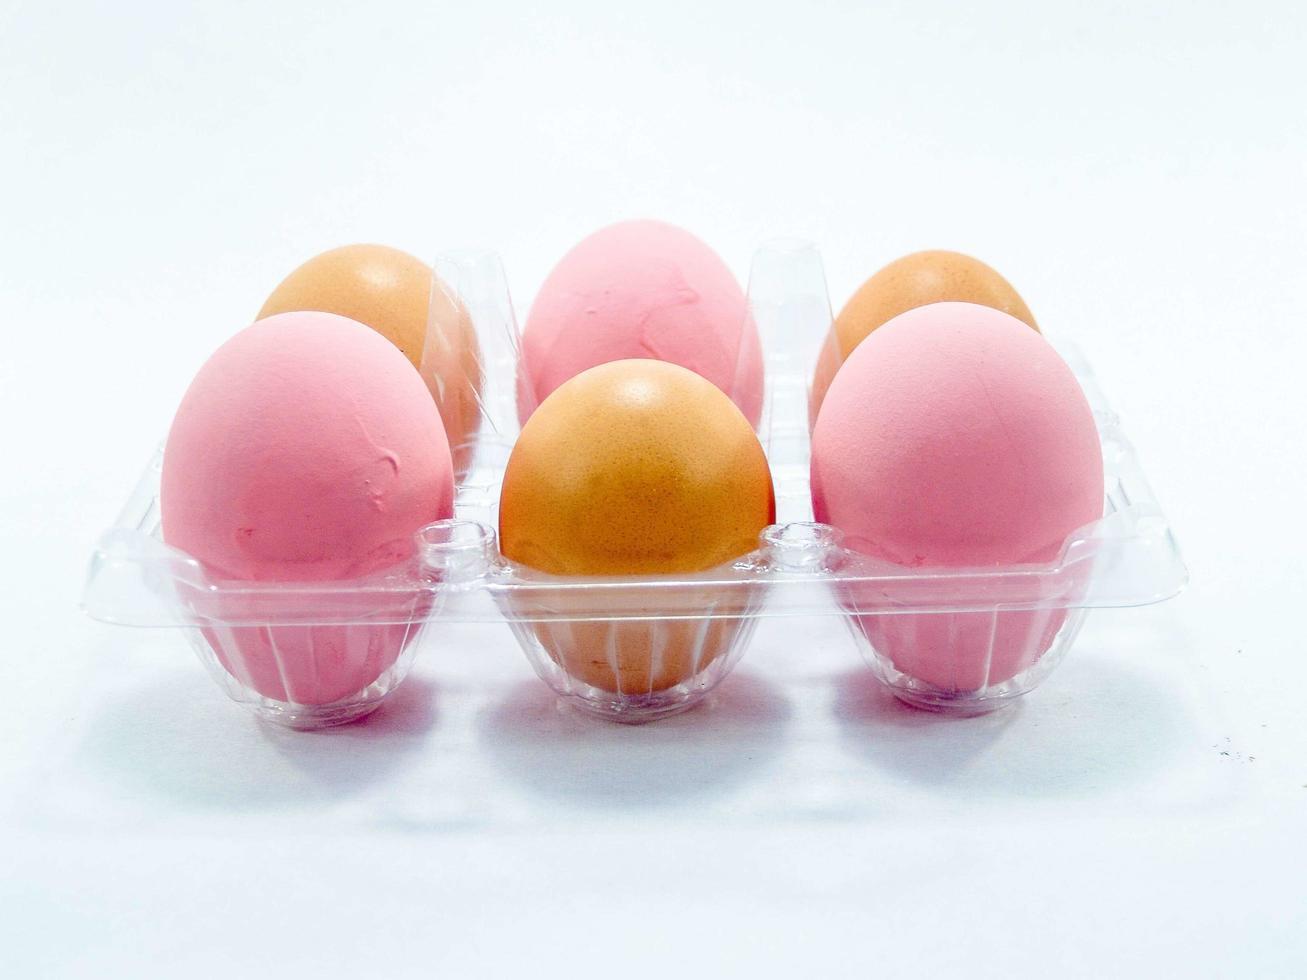 vergrote weergave van rauwe eieren foto